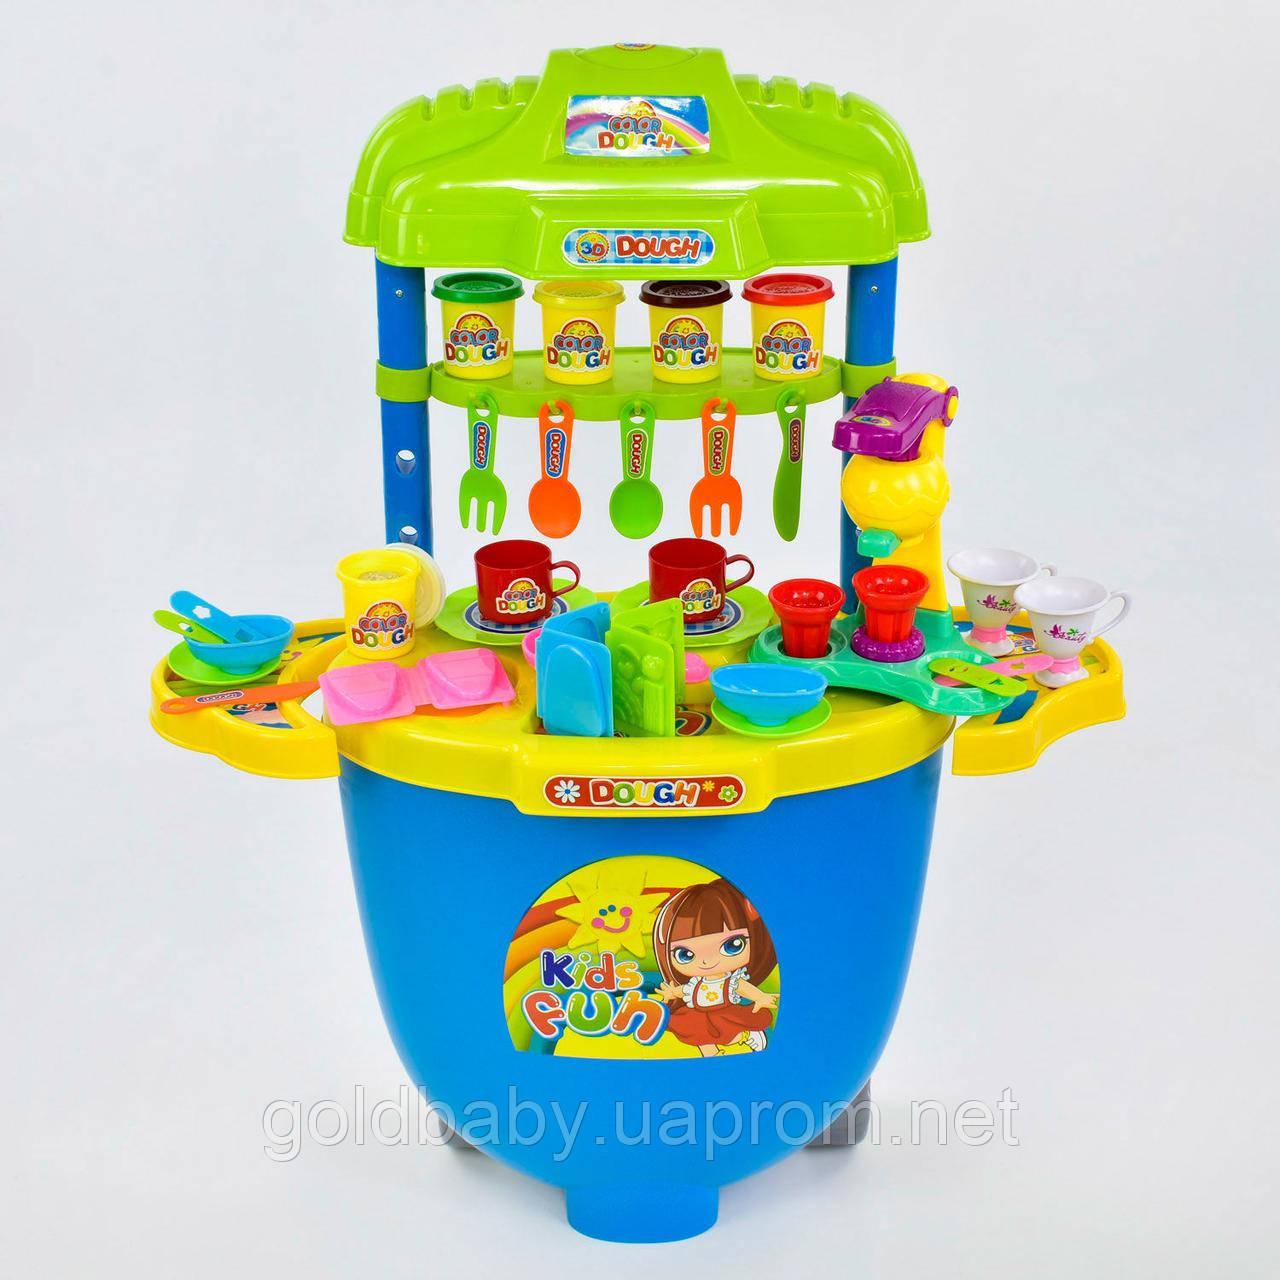 Детский набор для лепки 008-99, фото 1